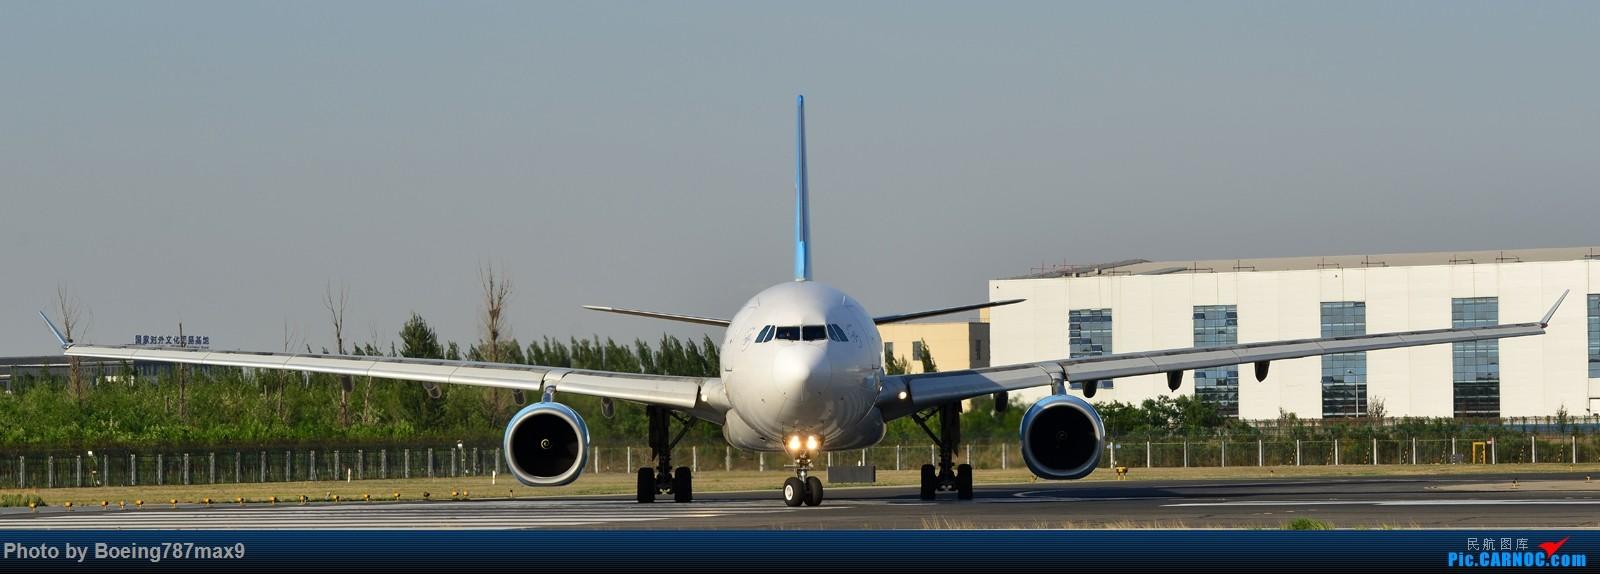 Re:[原创]【PEK】独一无二独特的拍摄角度,超有震撼力的机头『1600*高清大图』 AIRBUS A330-200 B-6057 中国北京首都国际机场